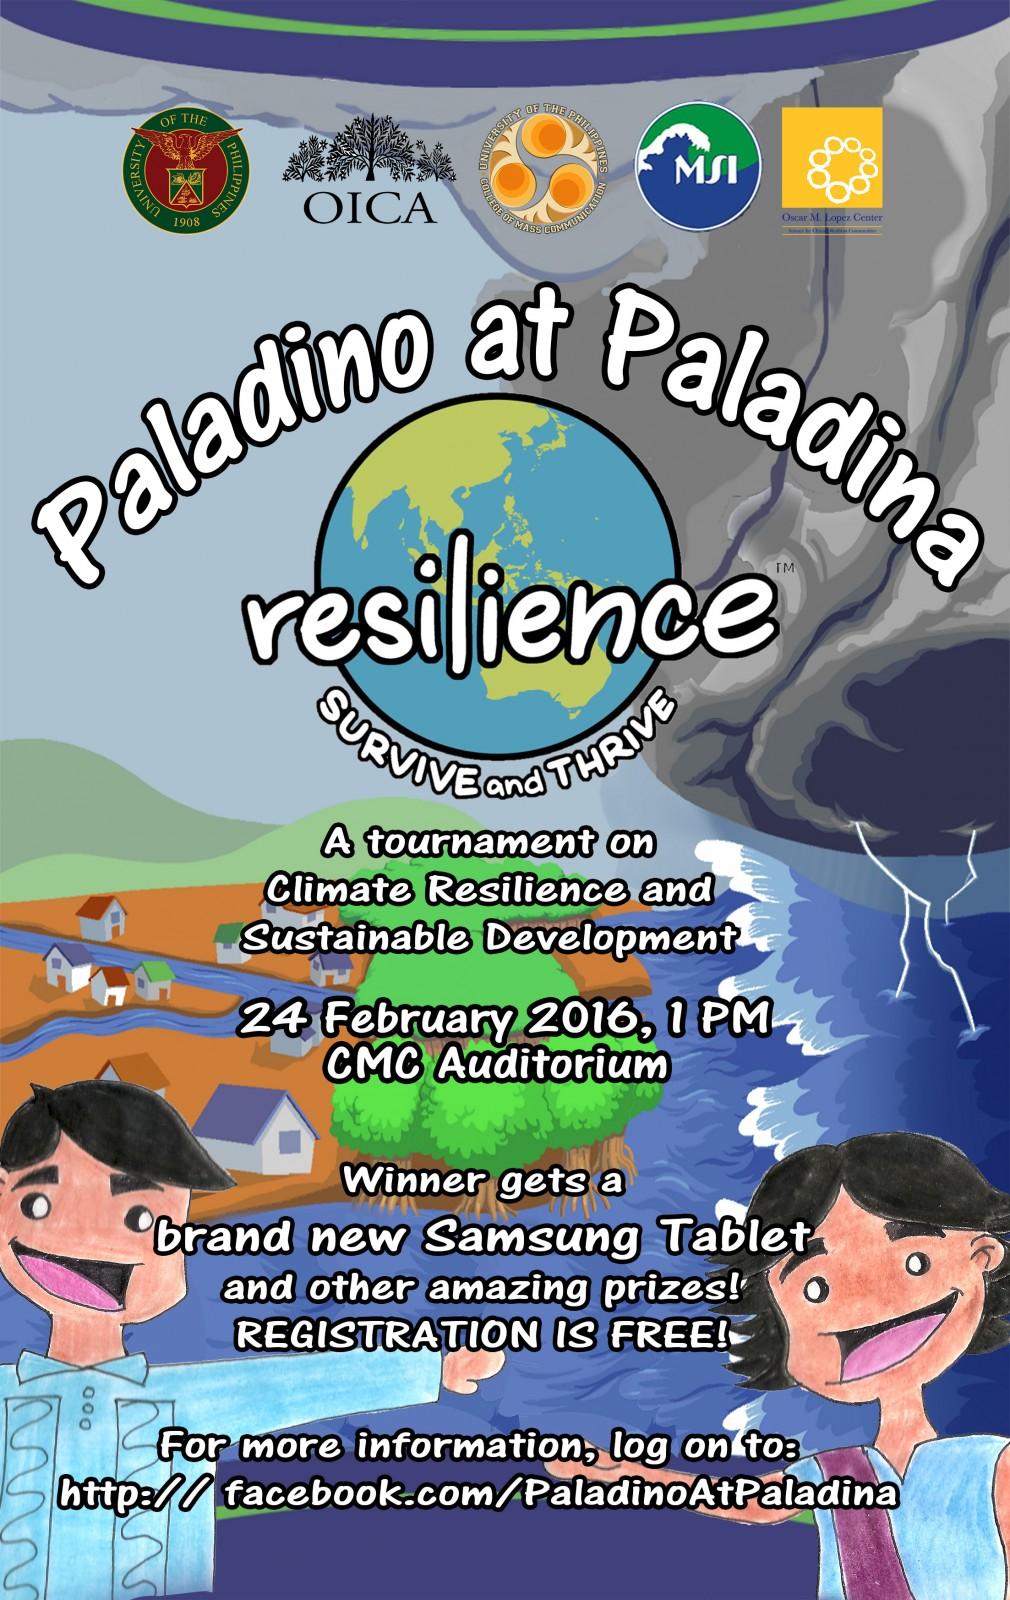 paladino at paladina bulletin poster